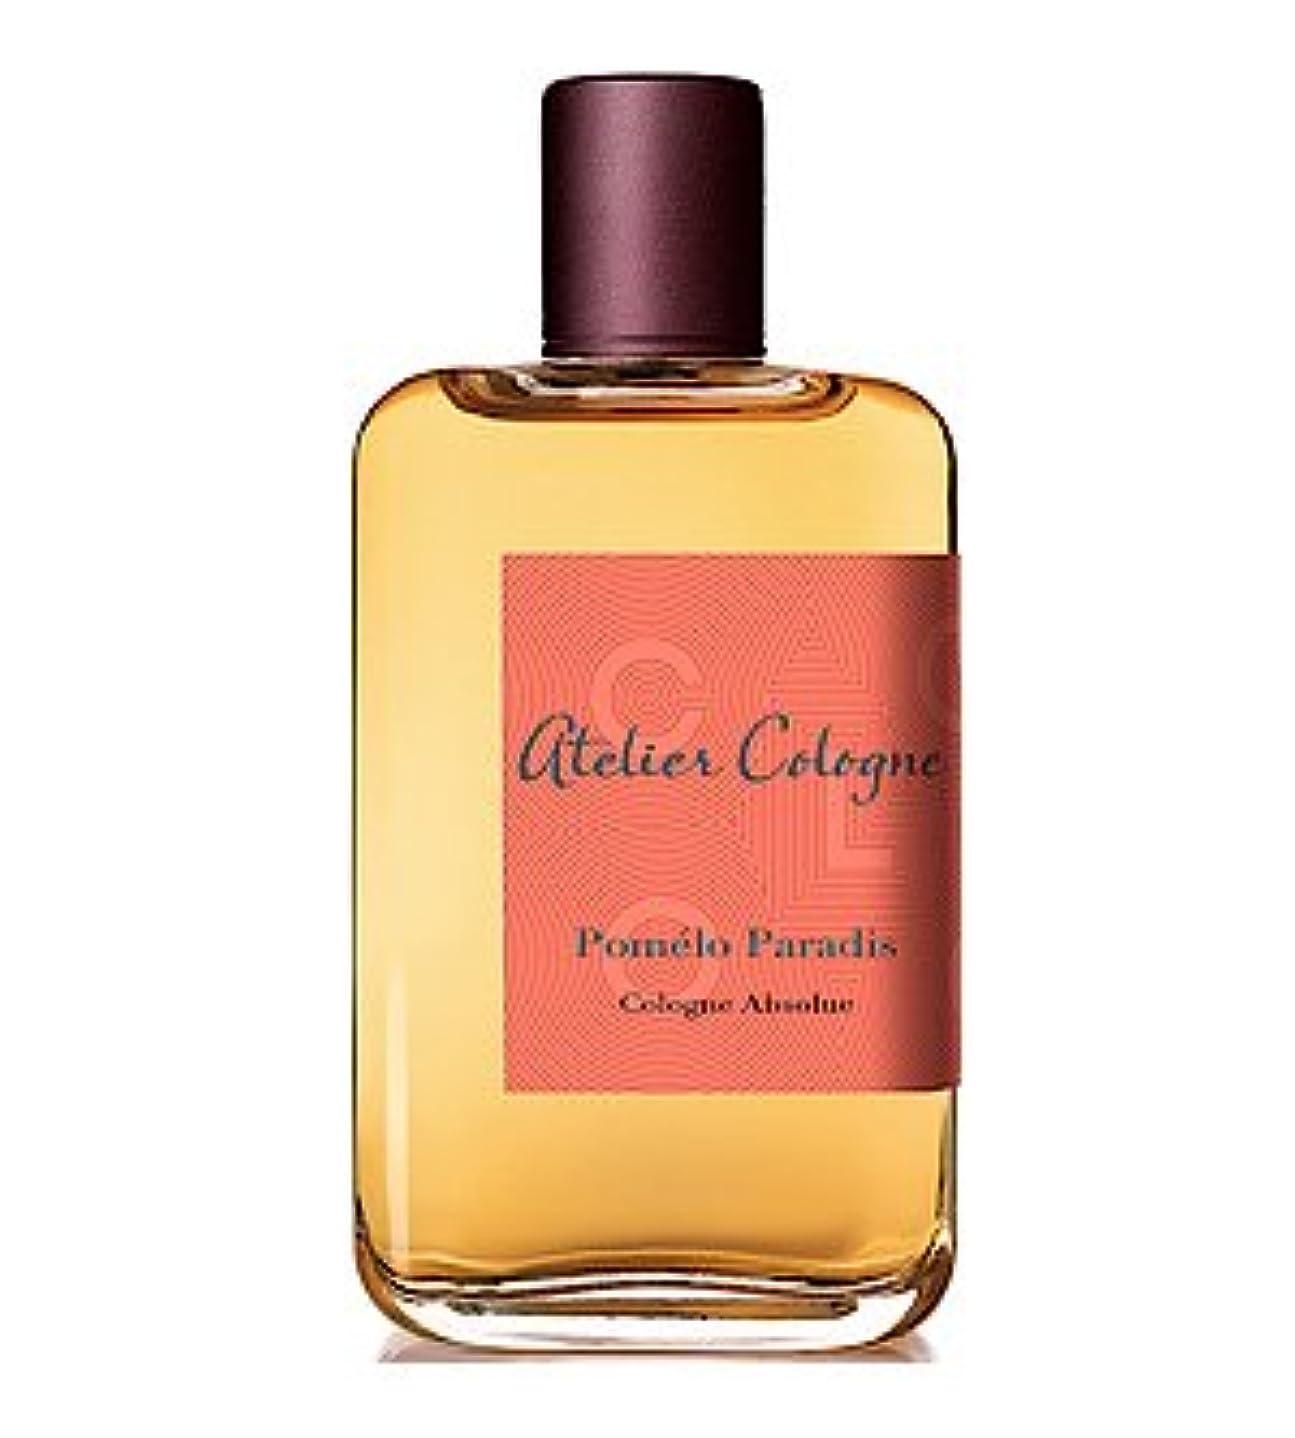 良さ差し控える密Atelier Cologne Pomelo Paradis (アトリエ コロン ポメロ パラディス) 6.7 oz (200ml) Cologne Absolue